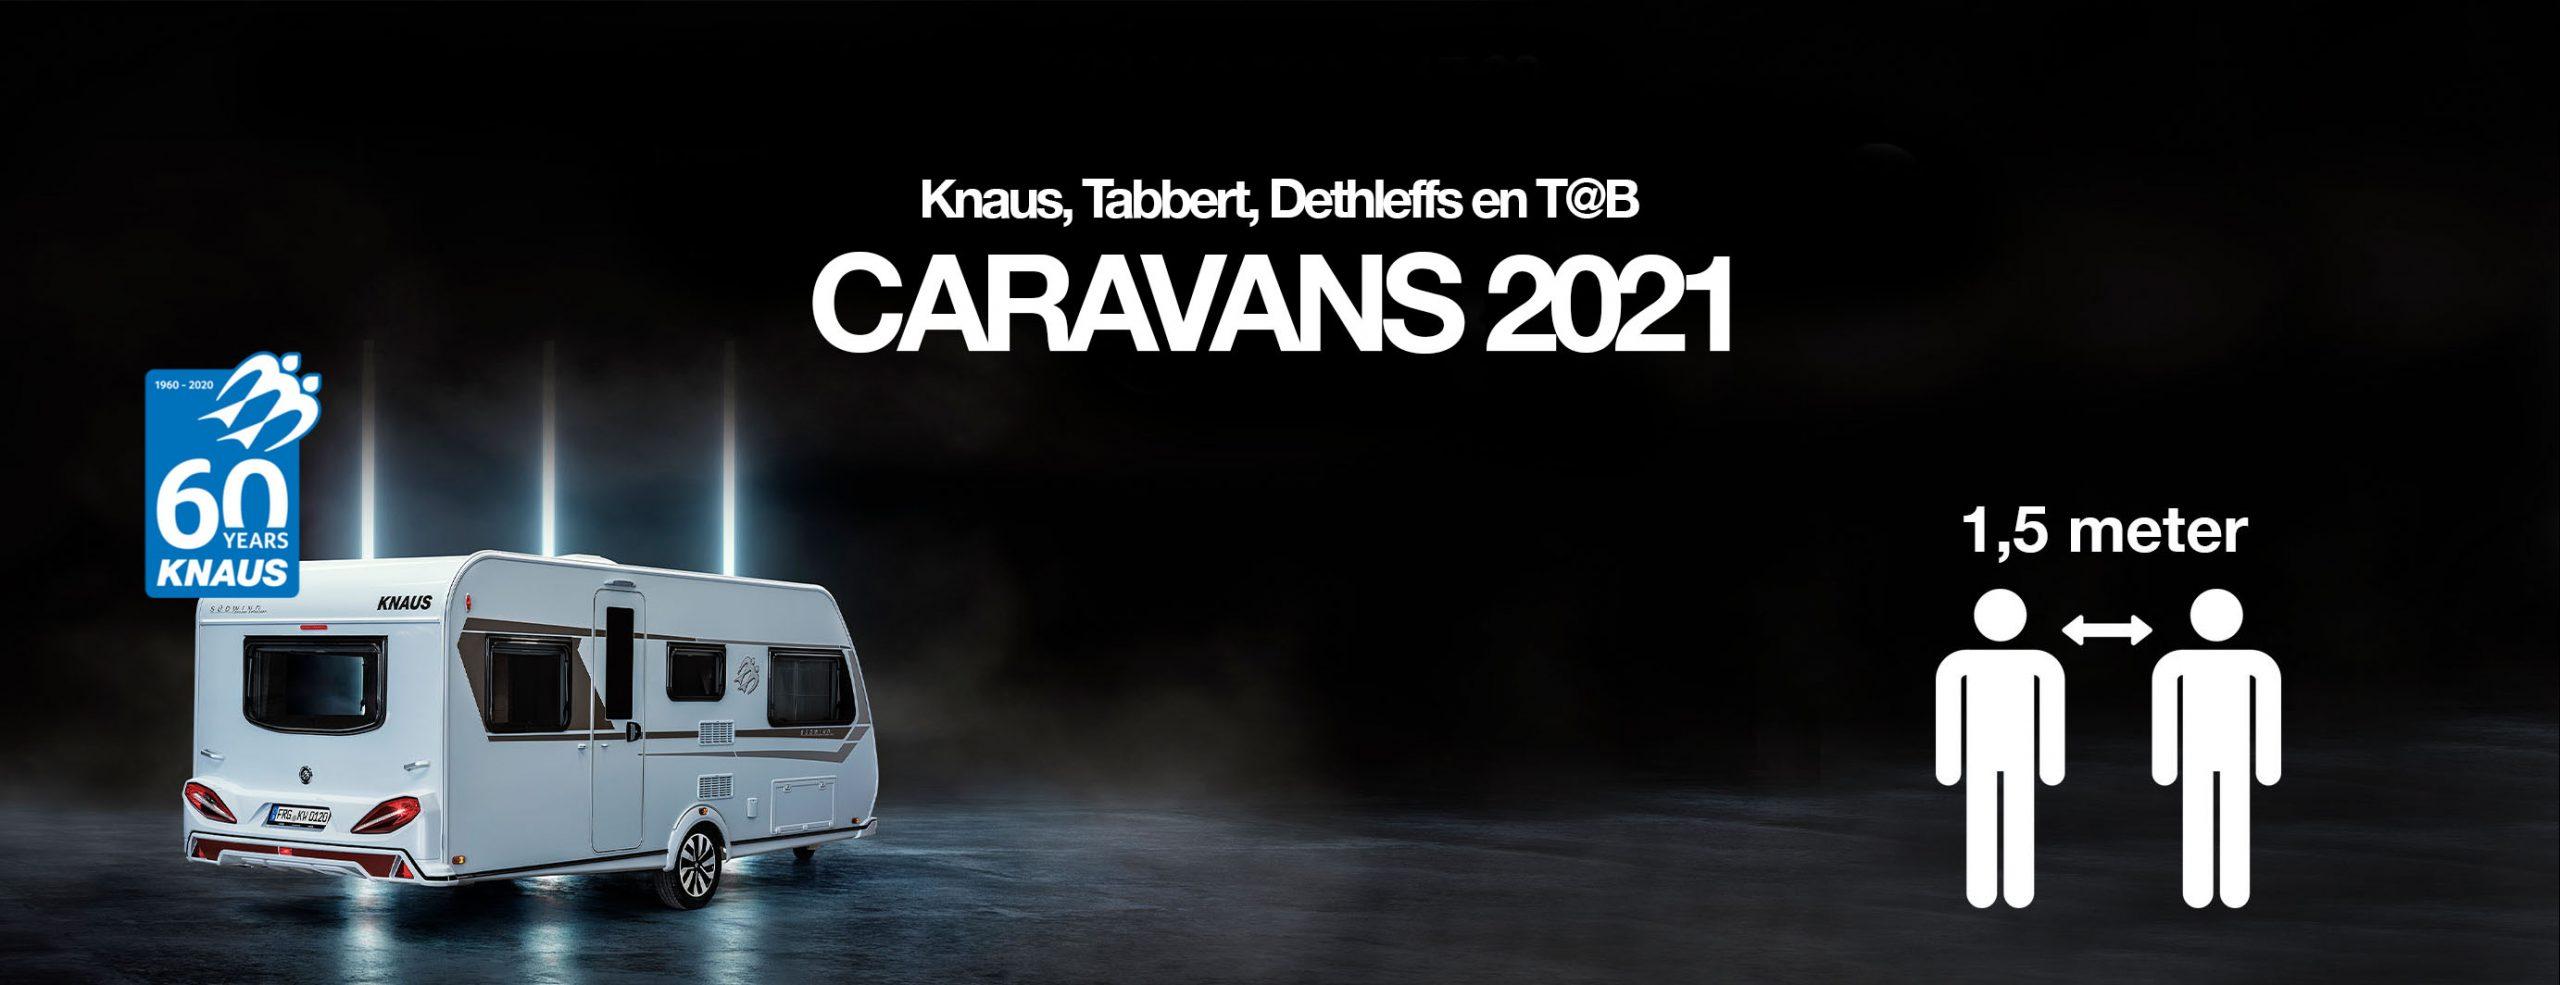 Caravans 2021 slide desktop